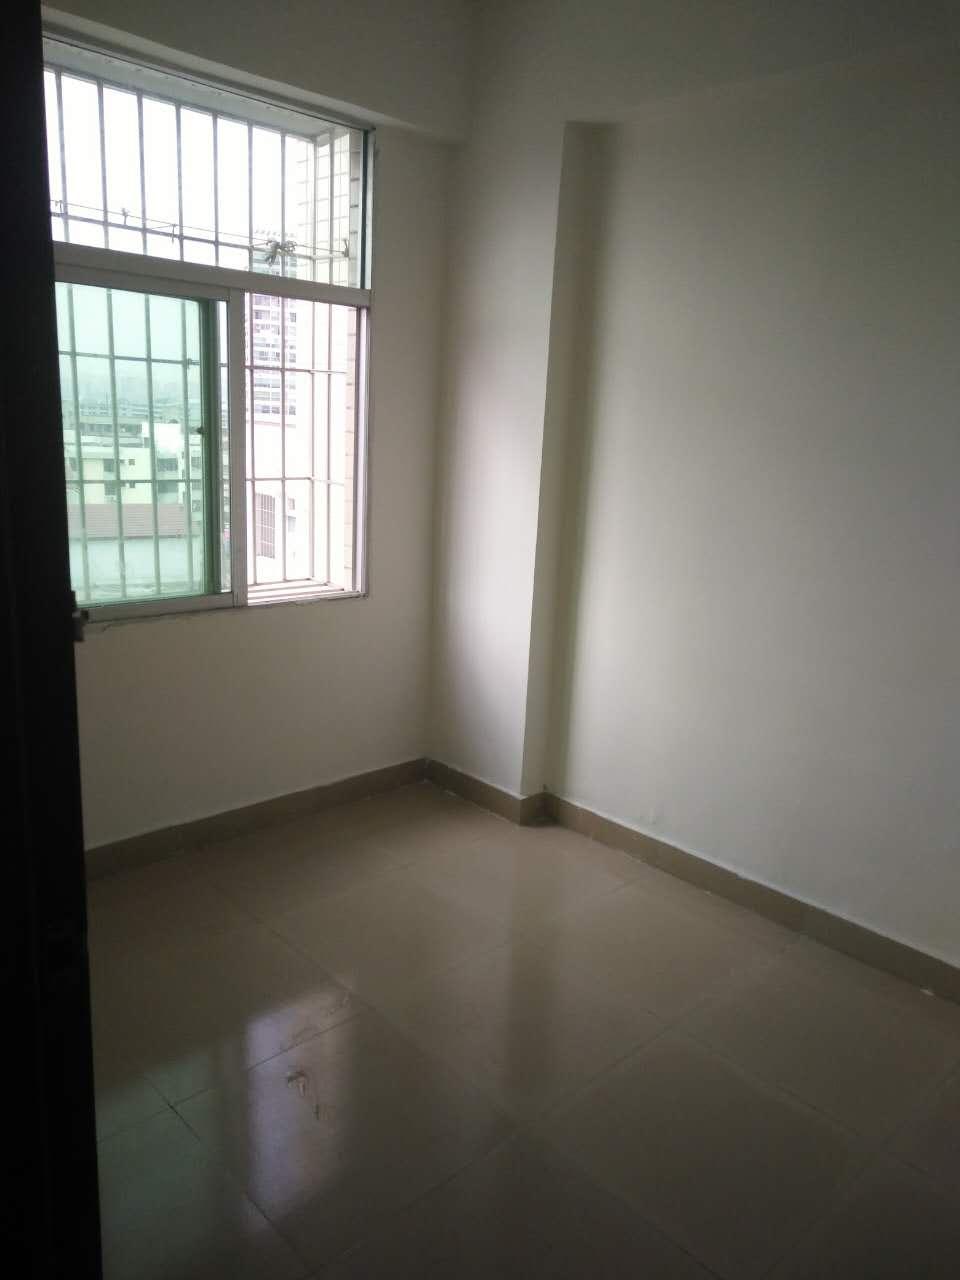 深圳小产权房52万三房85平方米,沙井万丰村农民房带装修出售 搜房 现房 团购 三房二厅 第6张